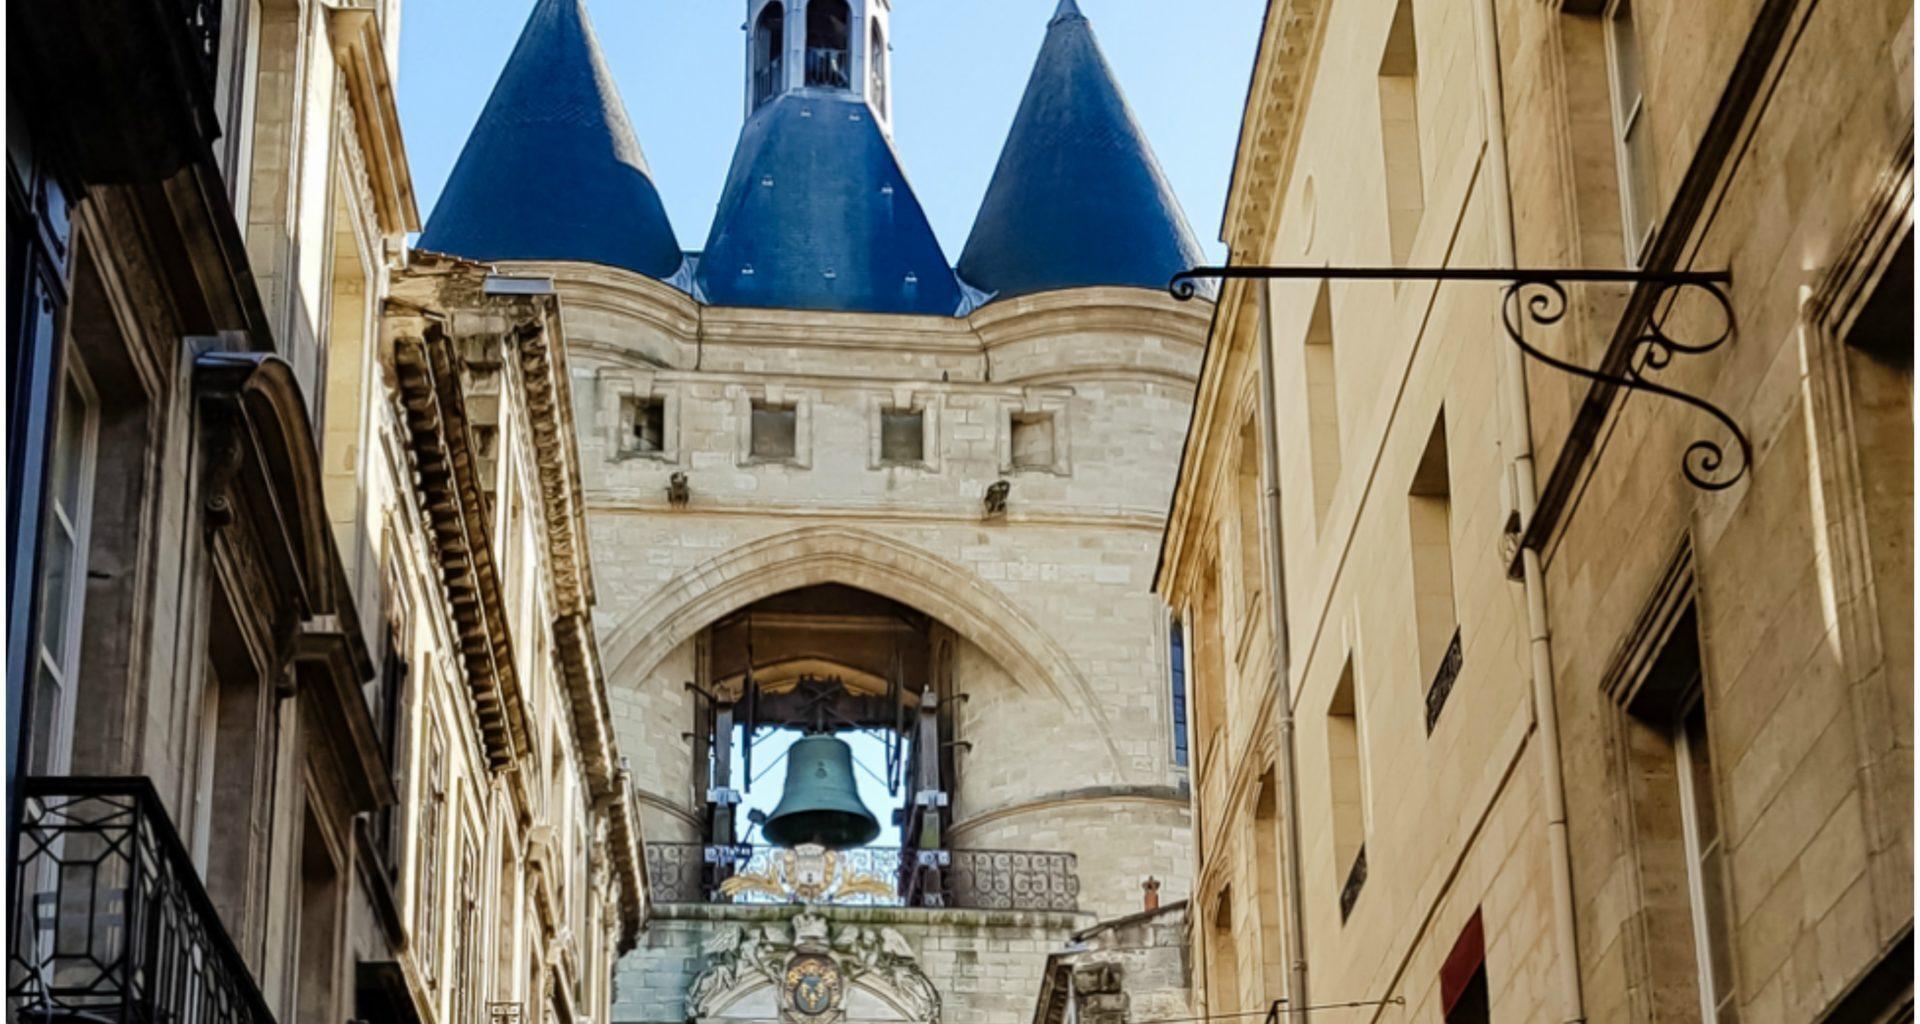 visiter-bordeaux-grosse-cloche-blog-voyage-week-end